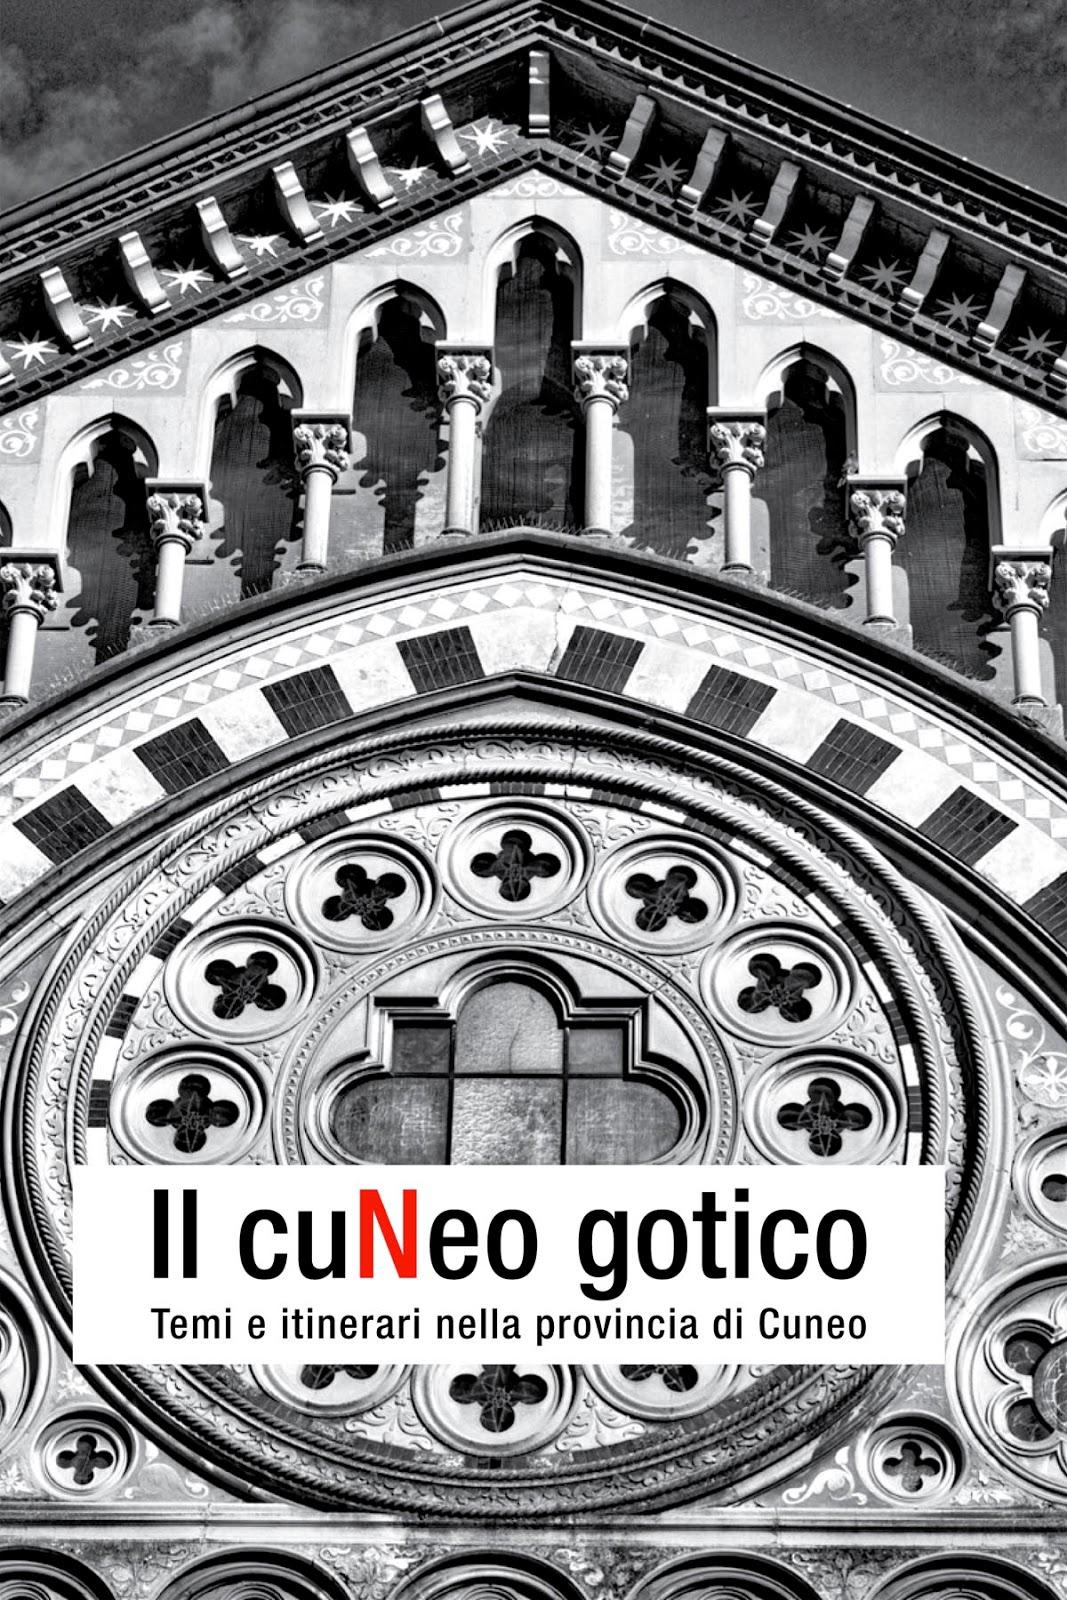 Studi Di Architettura Cuneo margini in/versi: l. mamino e d. regis - il cuneo gotico